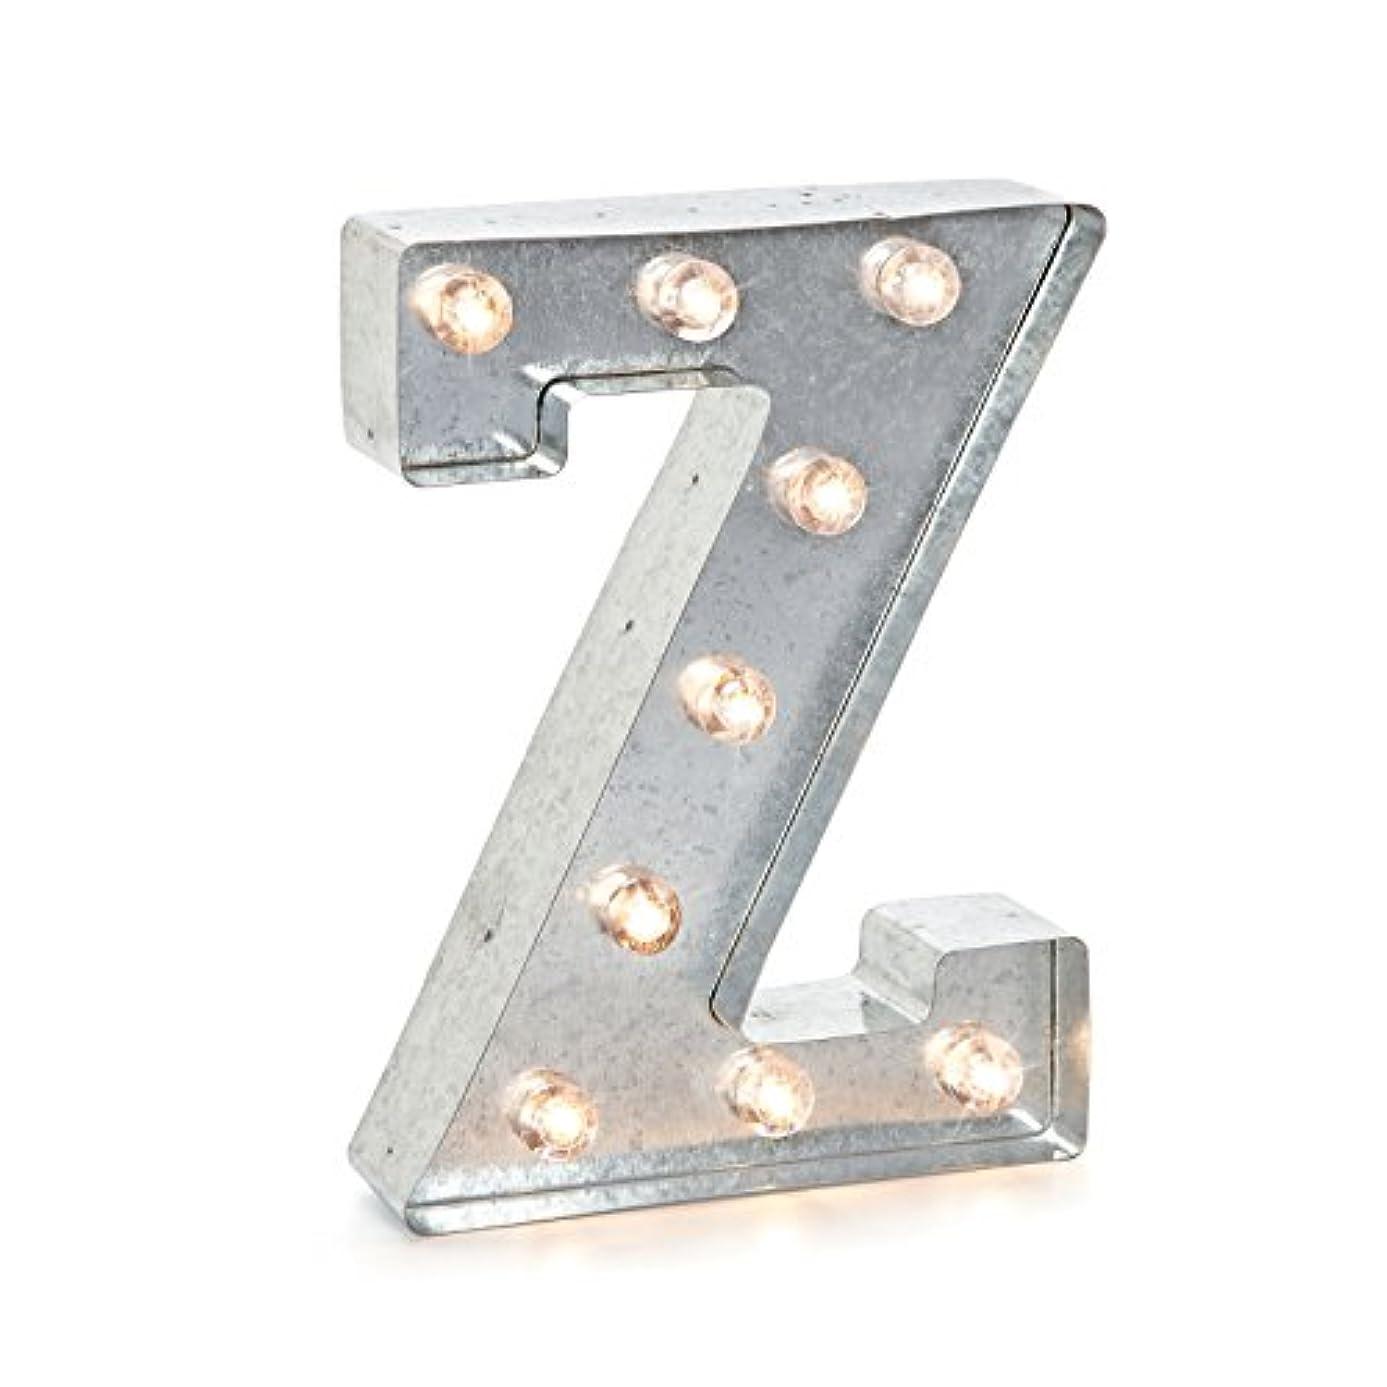 Darice 9.875 METL Marquee Silver Z